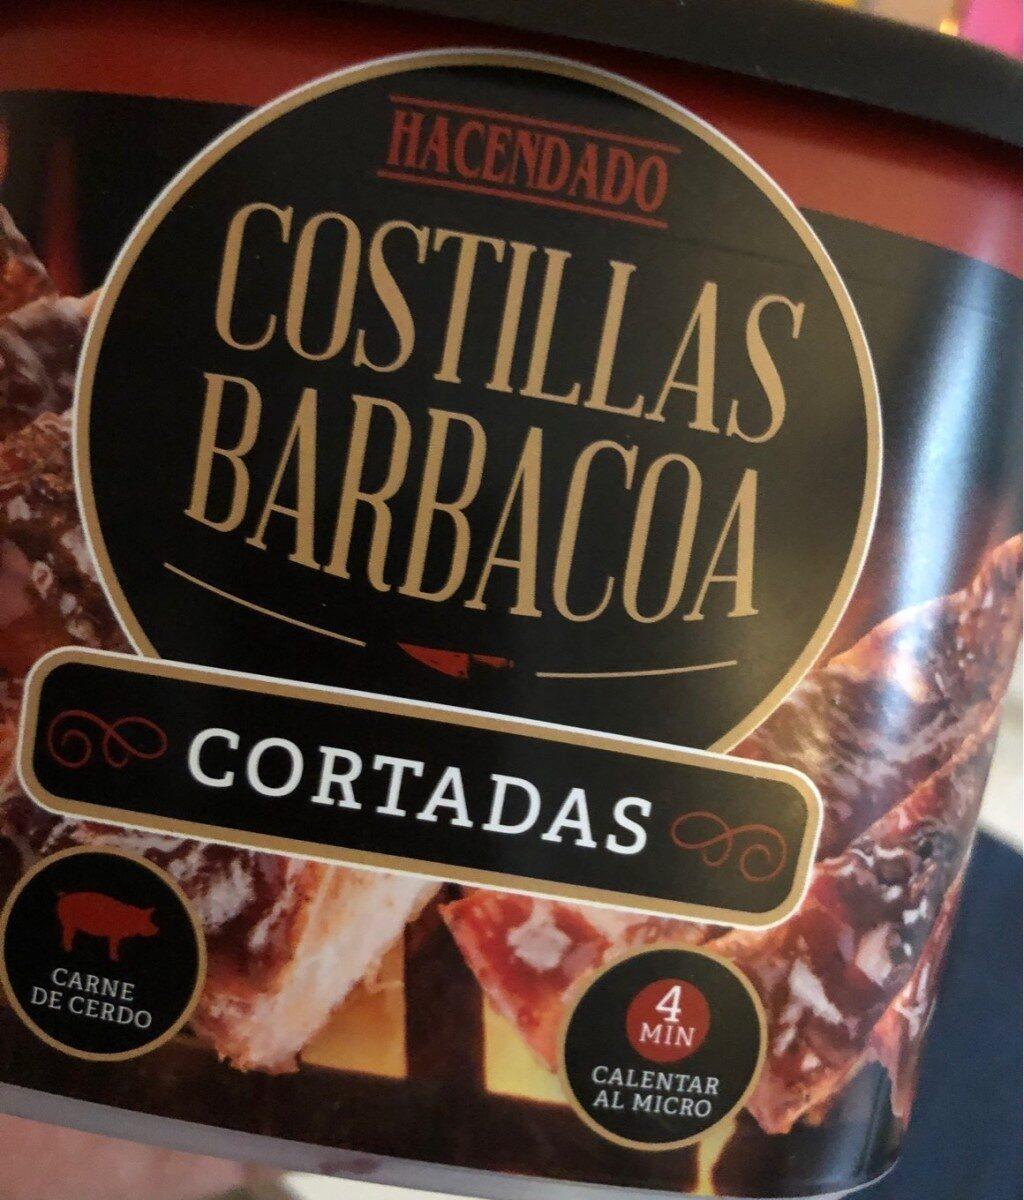 Costillas barbacoa cortadas - Product - es